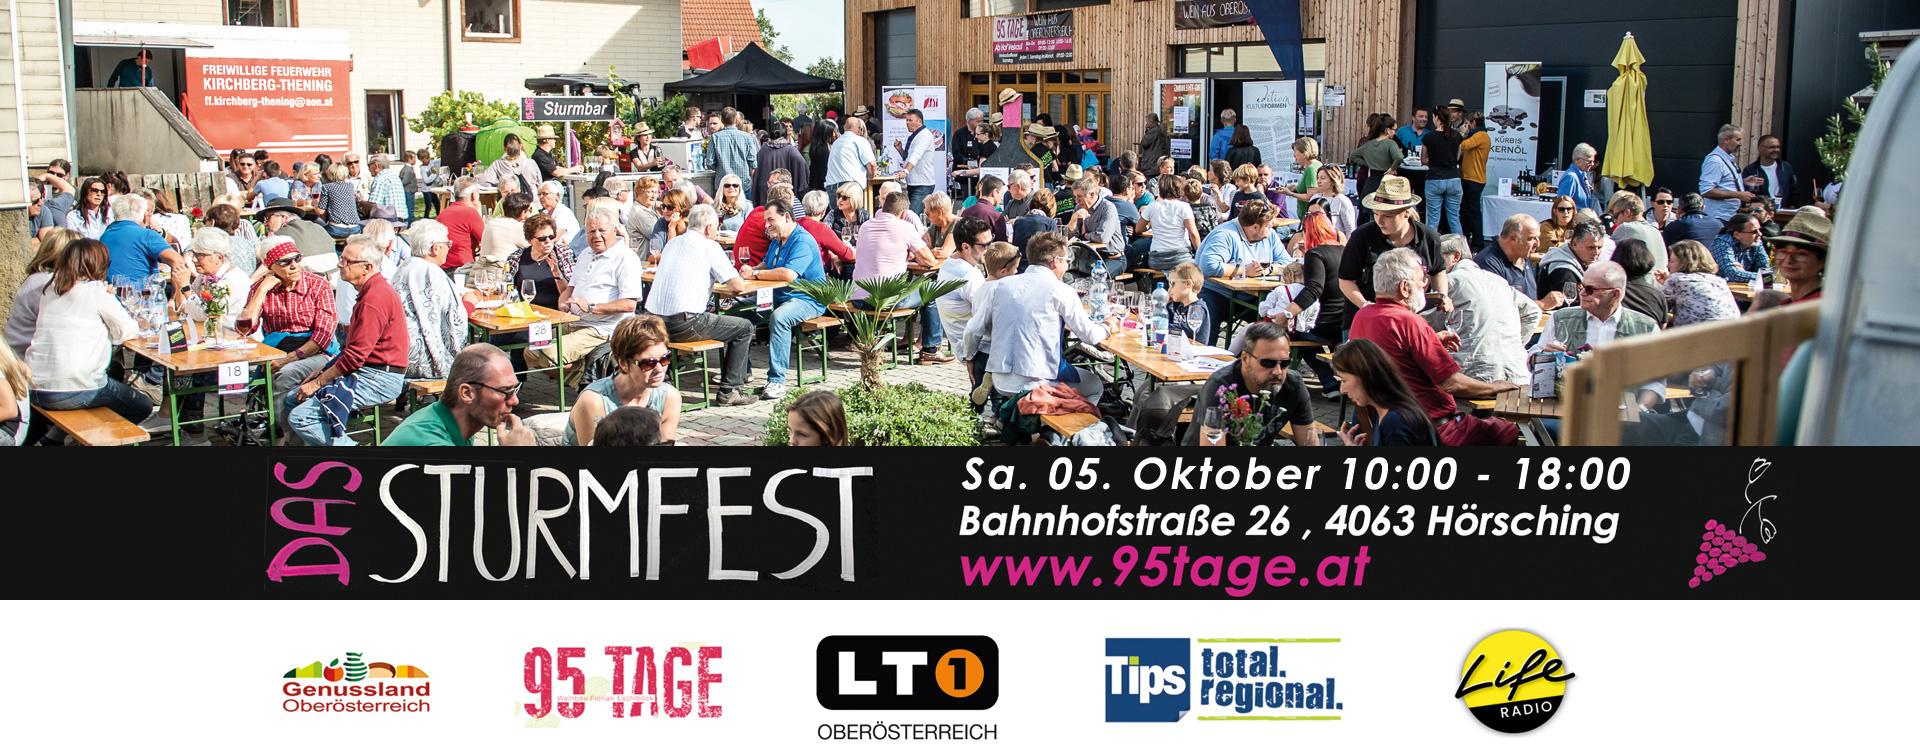 sturmfest-2019-banner-hp-startseite1920x750-kooperationspartner.jpg